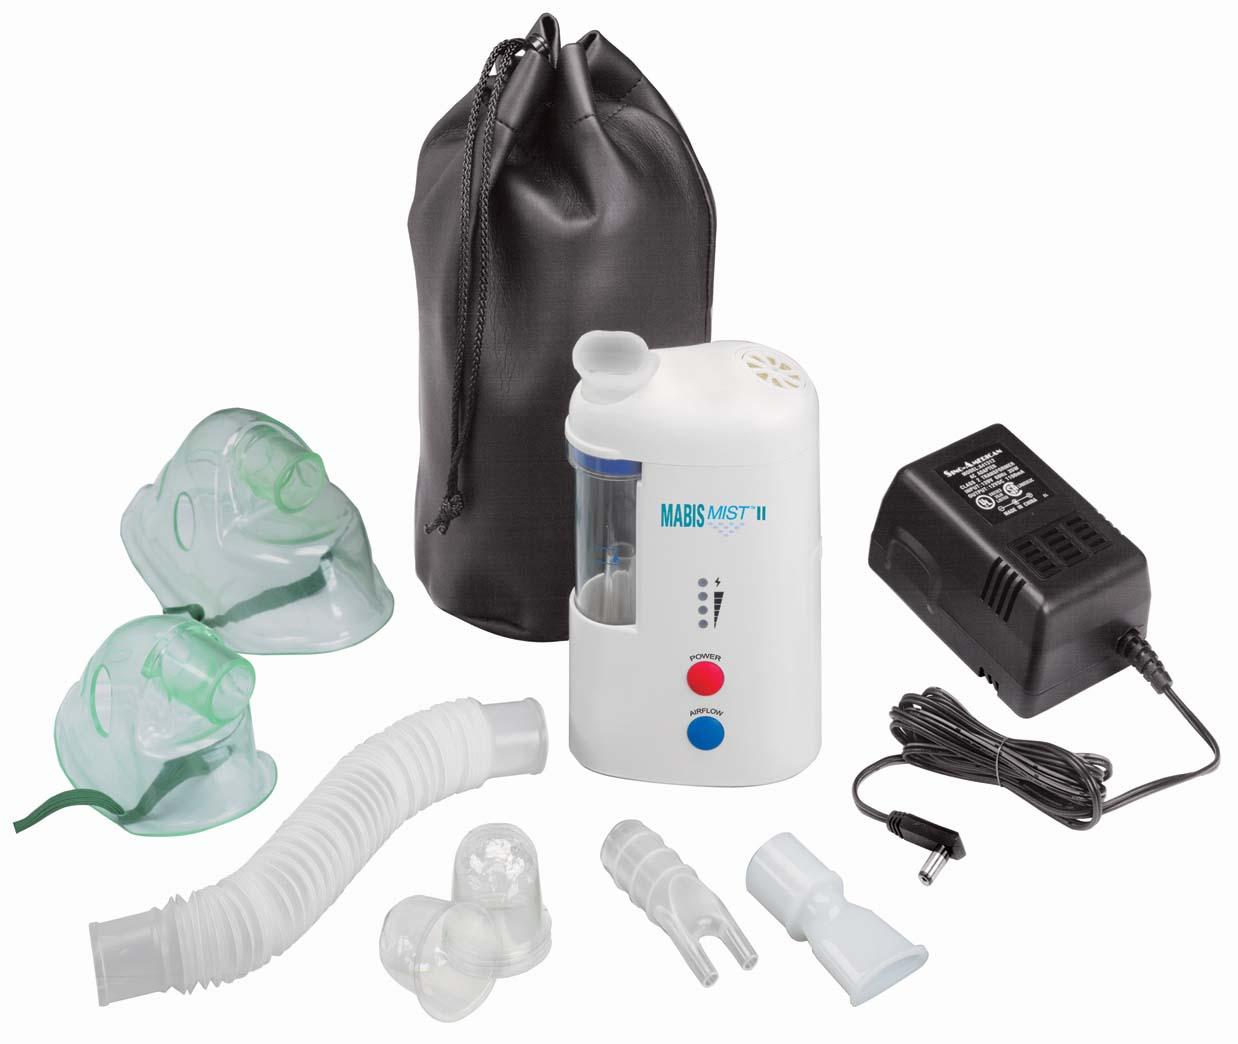 battery-pack-for-mabismist-ii-ultrasonic-nebulizer-40-277-012-lr-3.jpg